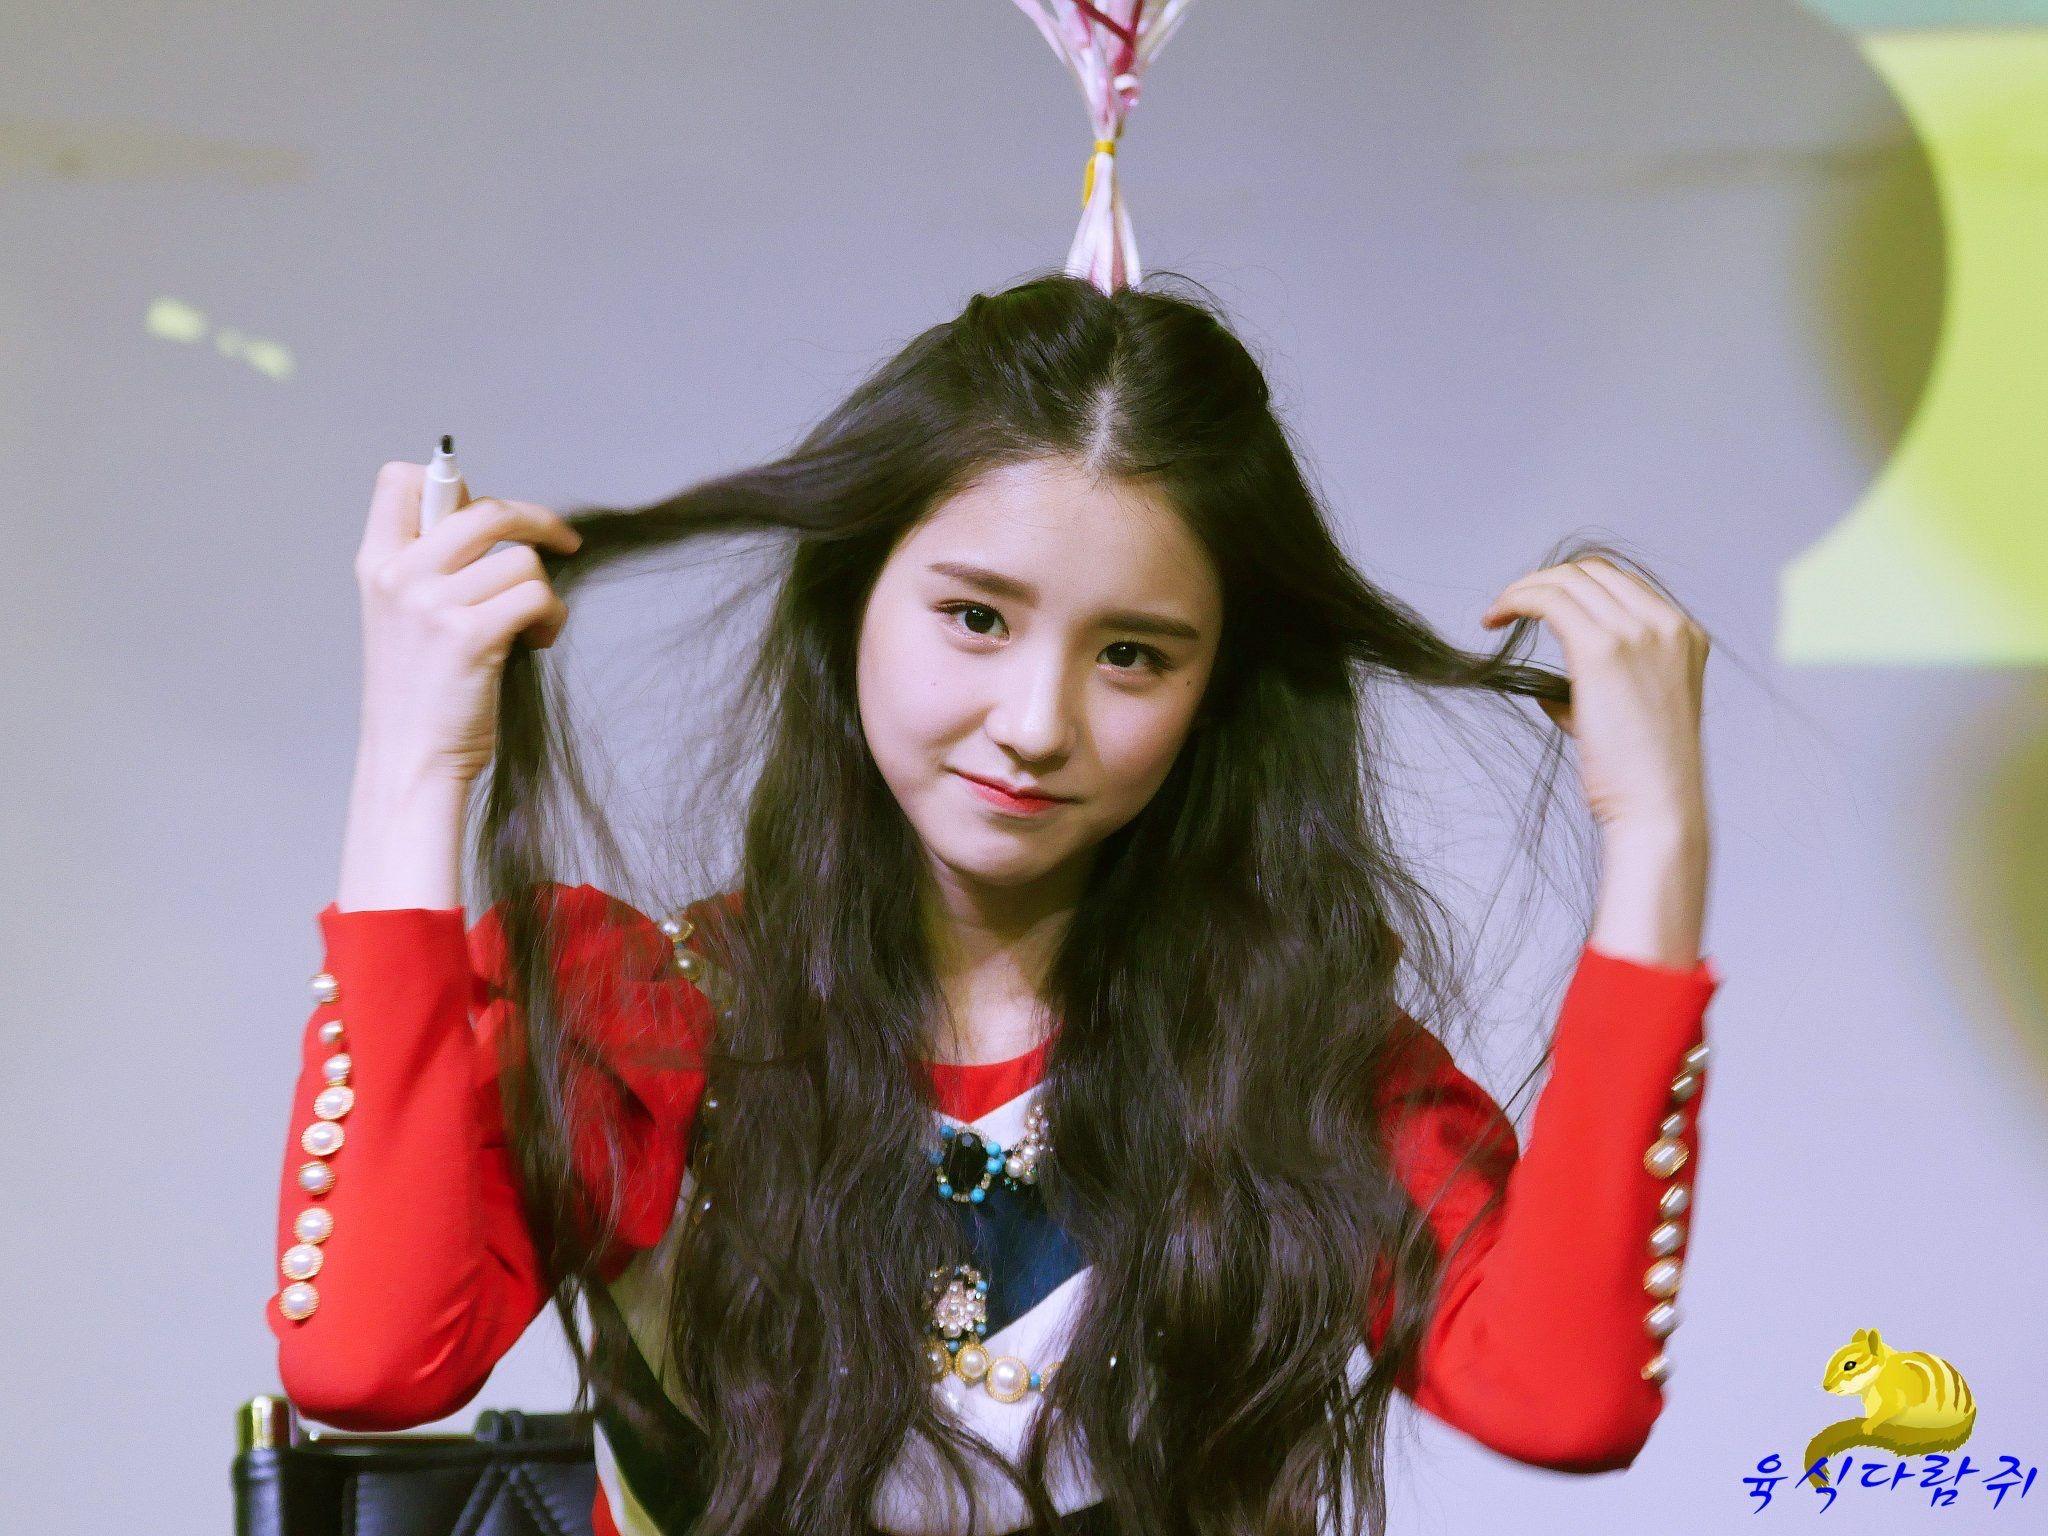 Heejin Loopd Gambar Gambar Bergerak Anak